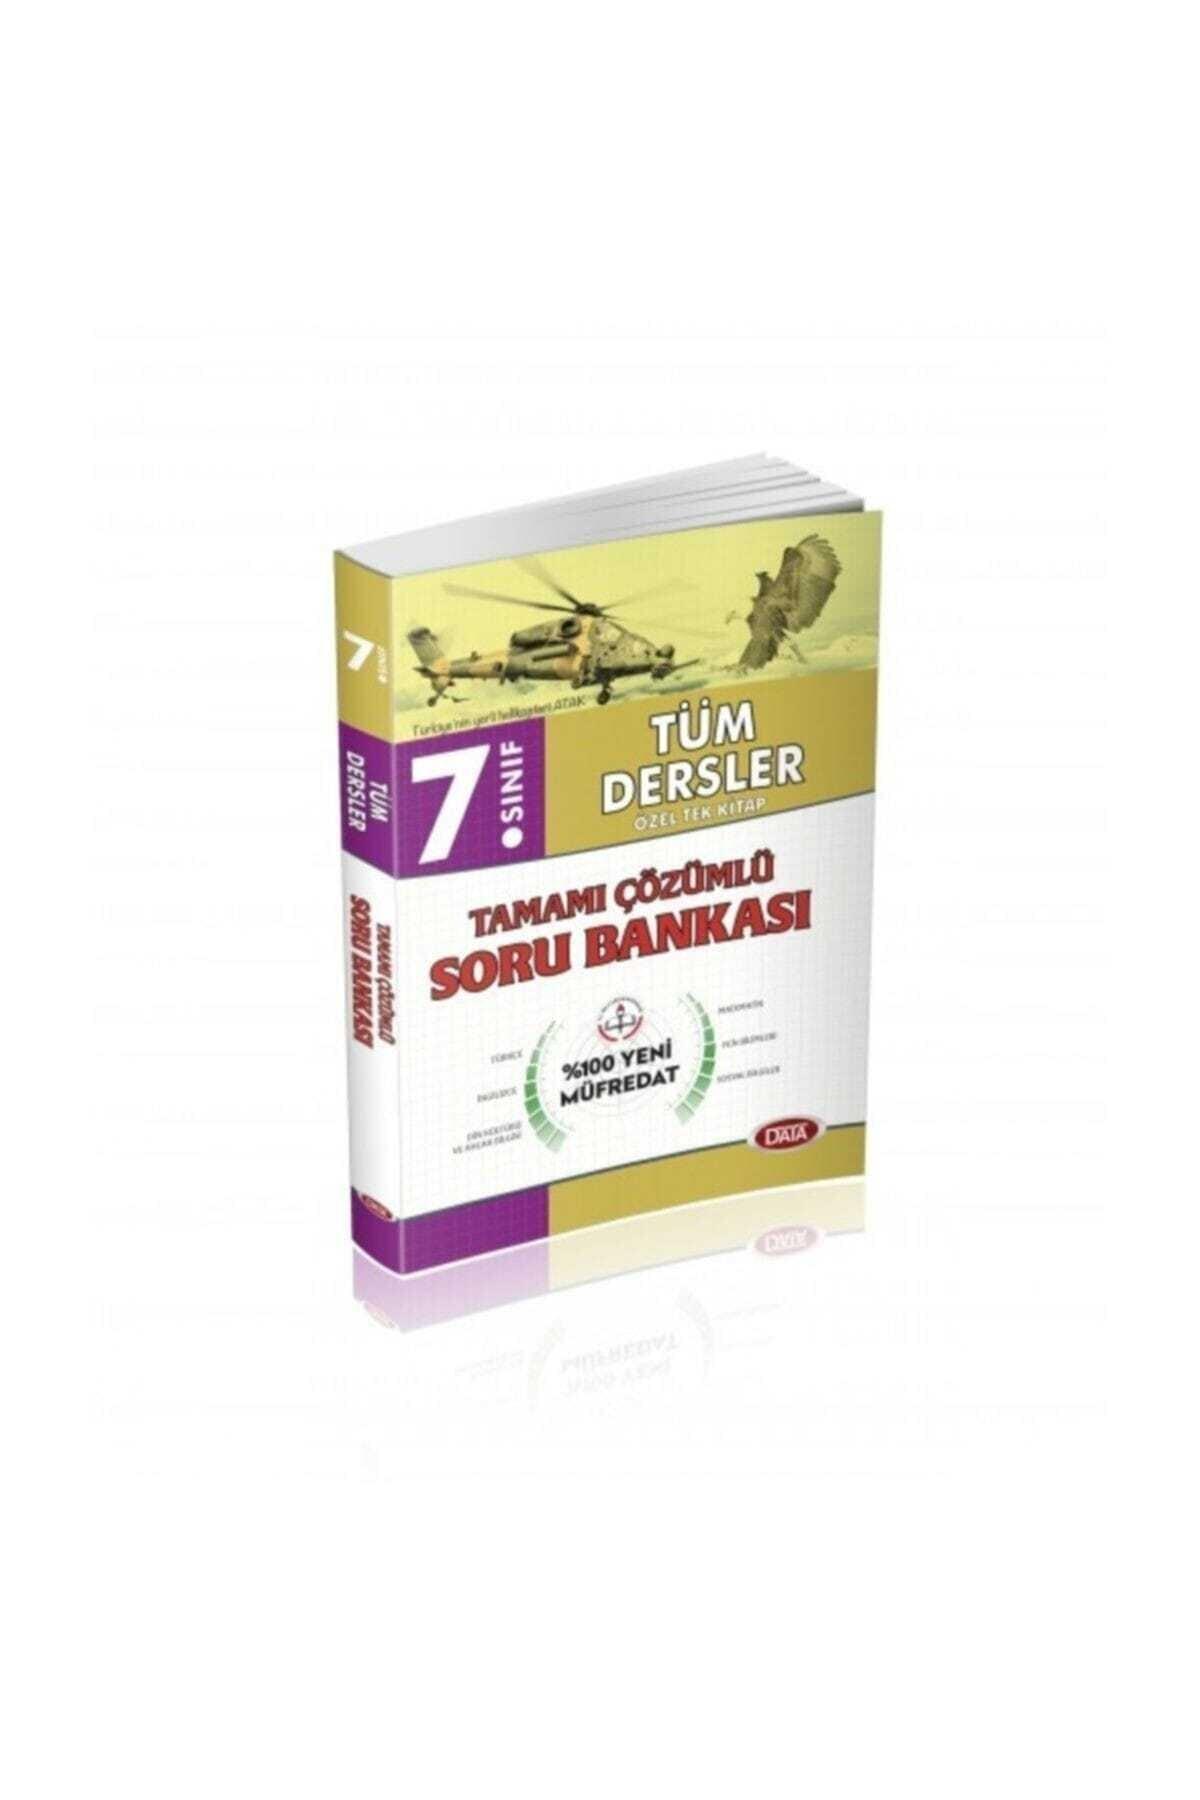 Data Yayınları Data 7. Sınıf Tüm Dersler Soru Bankası 1